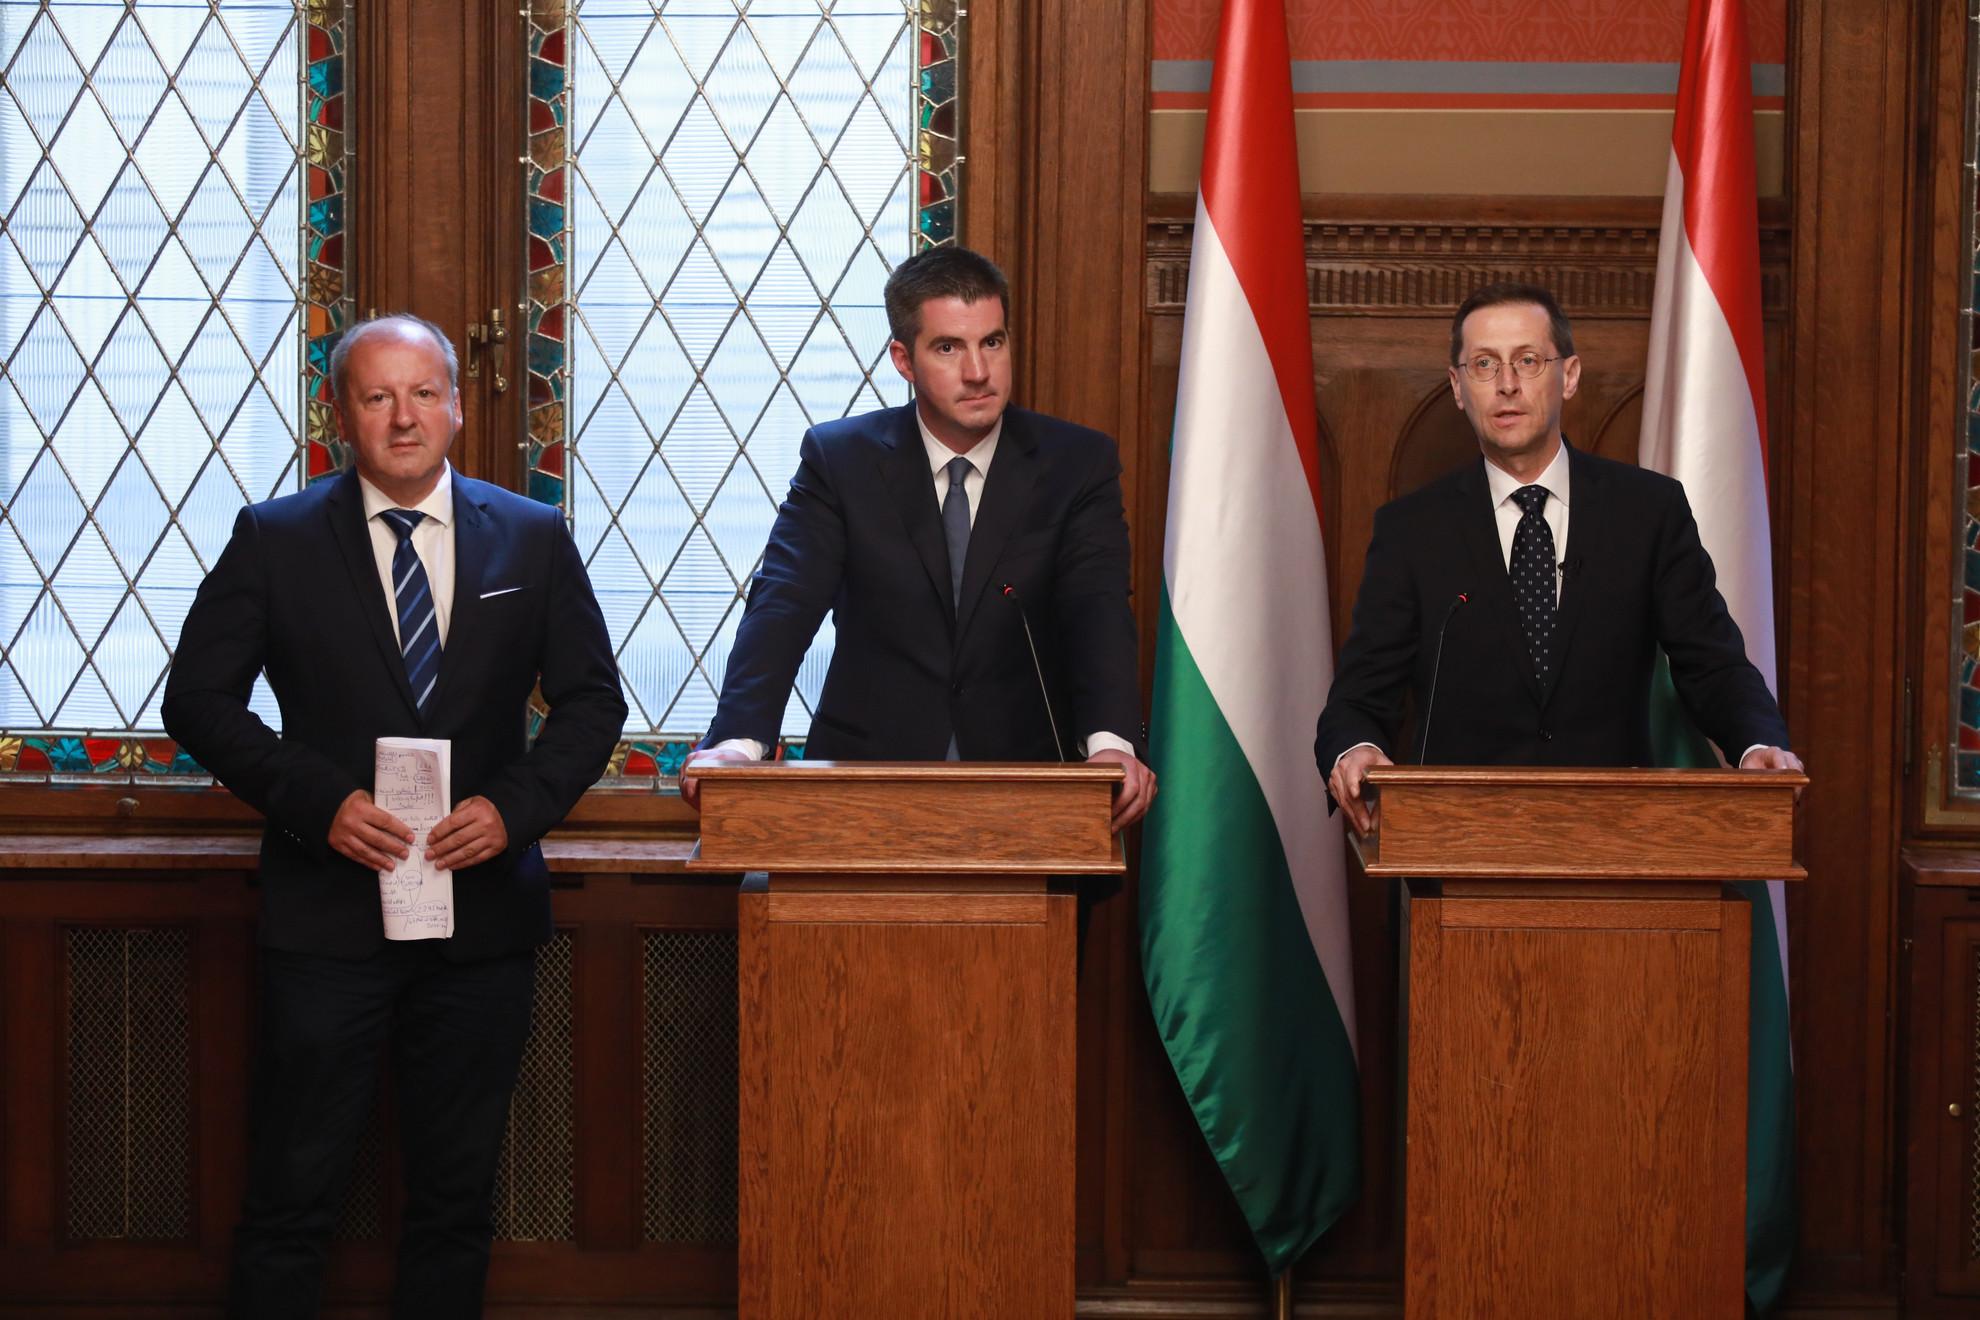 Simicskó István, Kocsis Máté és Varga Mihály (b-j) a költségvetés elfogadása után tartott budapesti sajtótájékoztatón